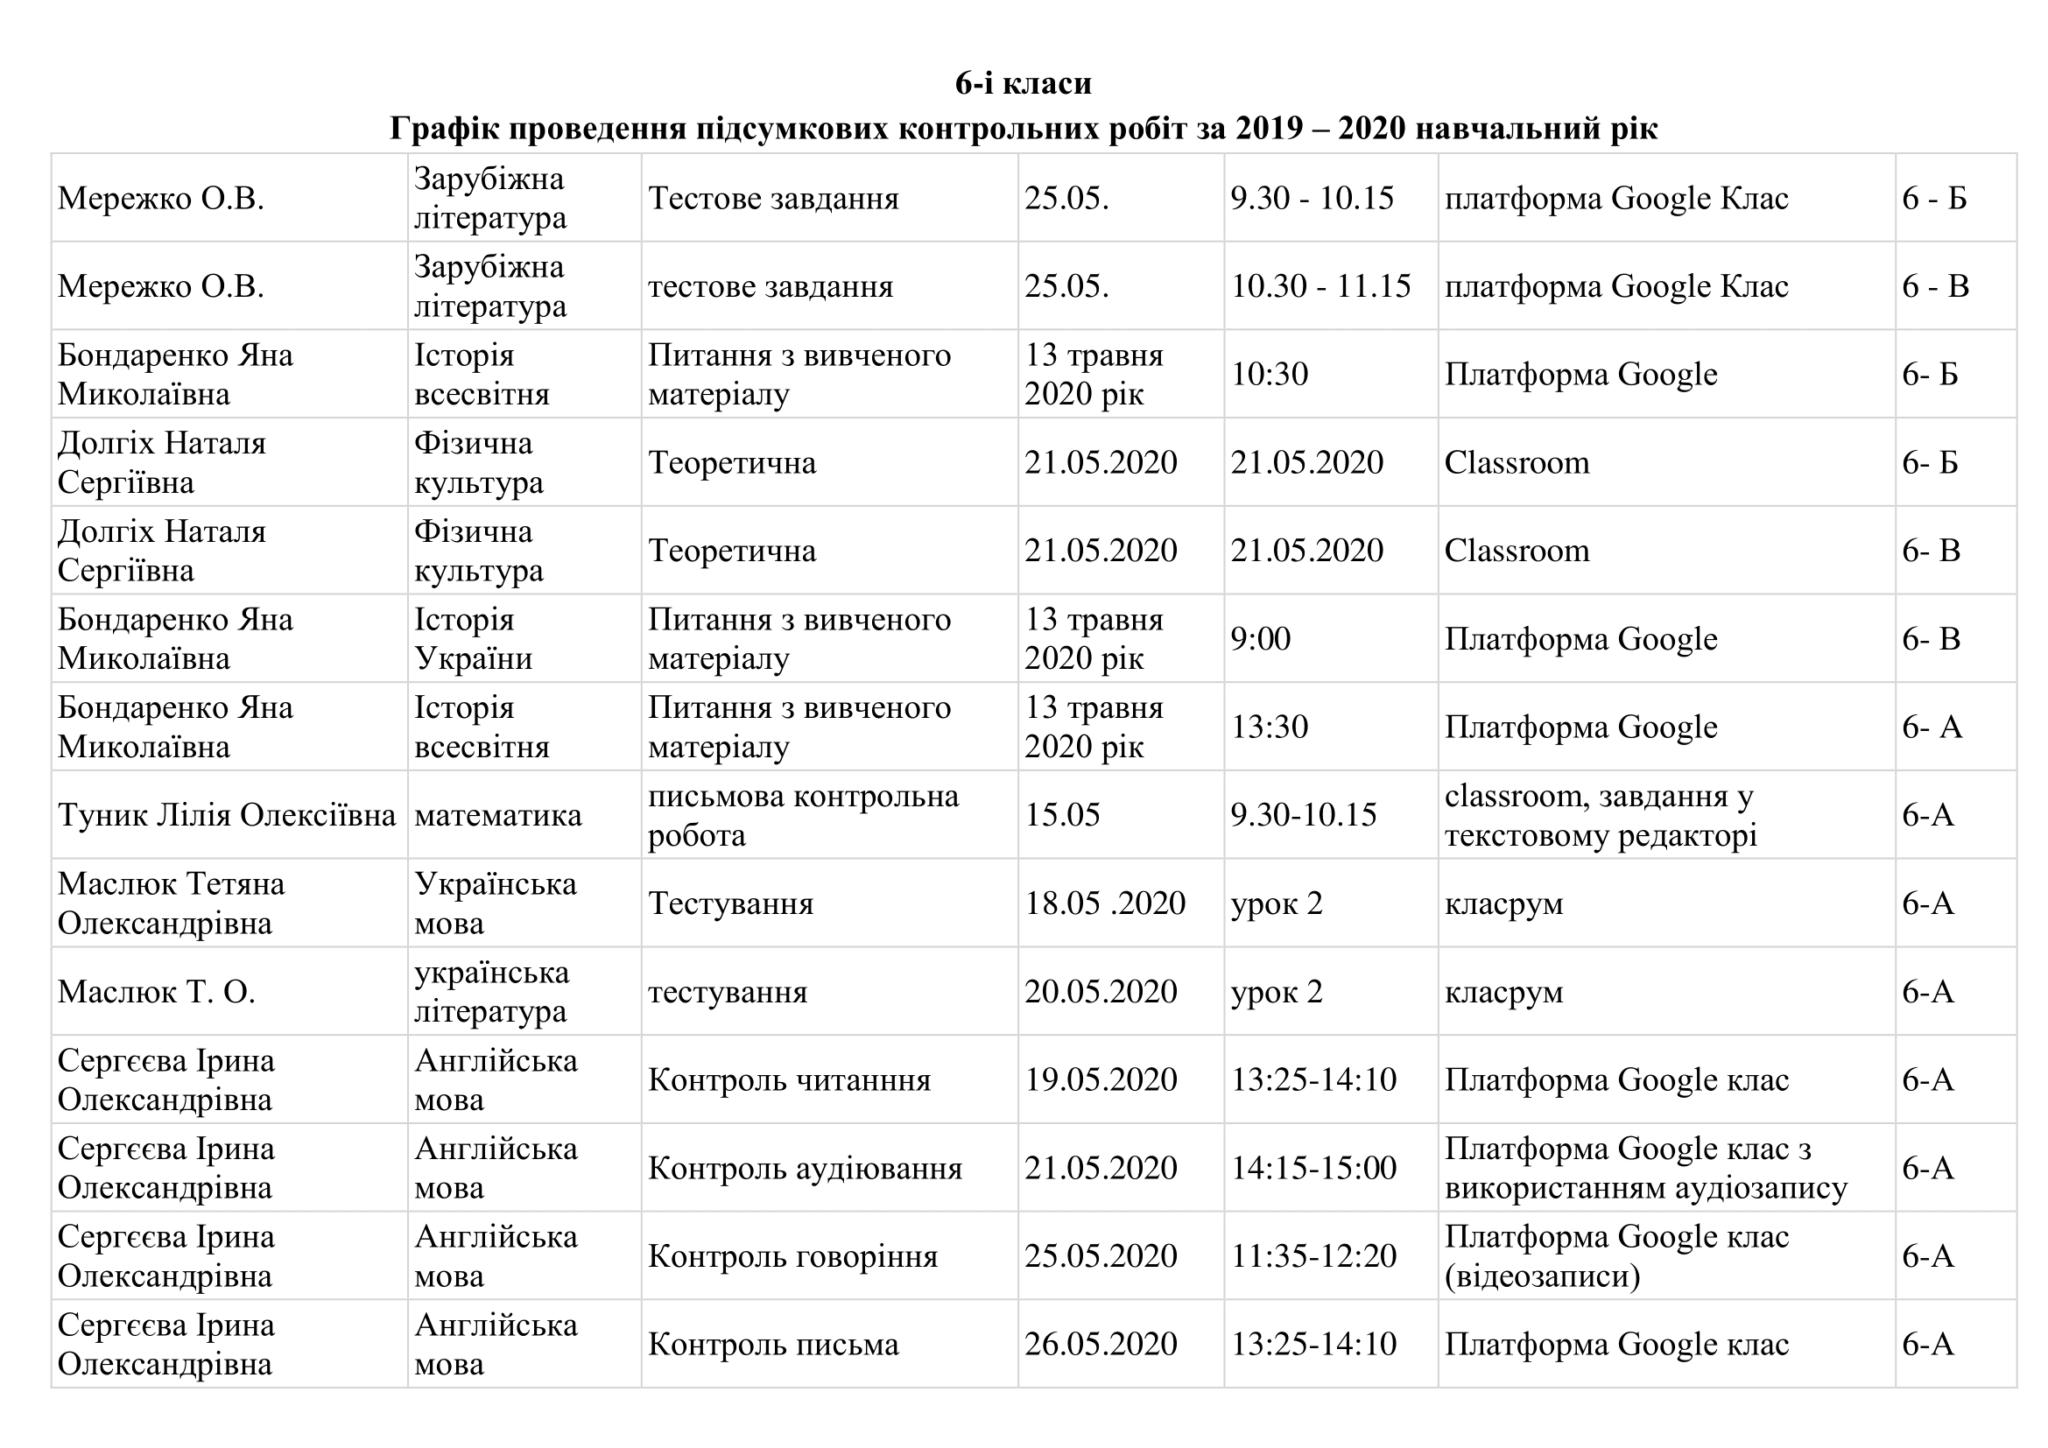 графiк_пiдсумкових_контрол_них_робiт_6-i_класи-1